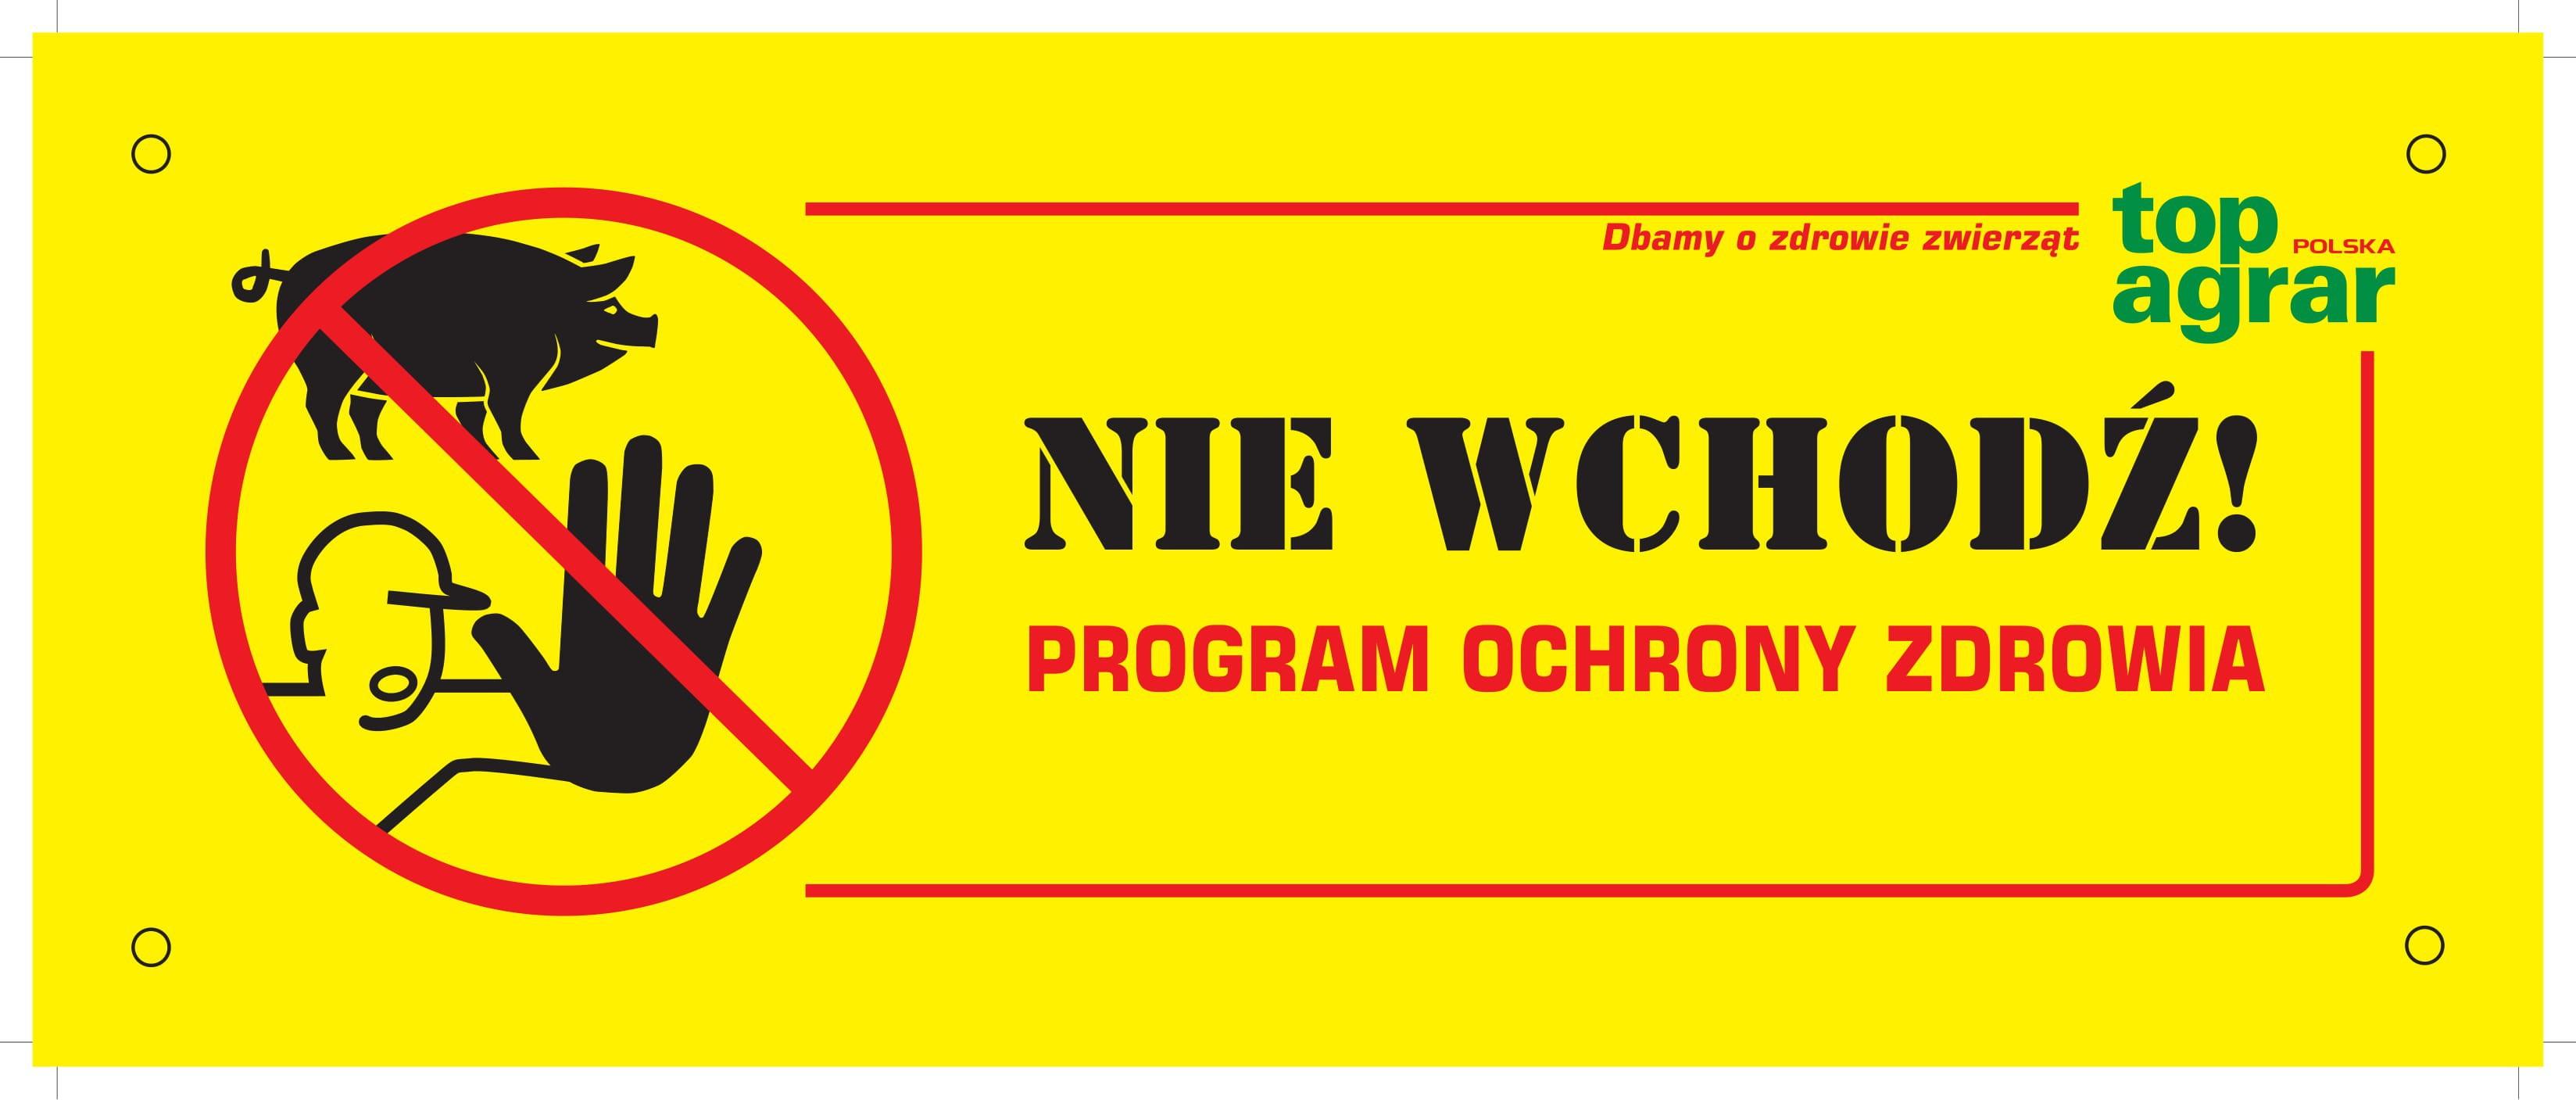 Tabliczka ostrzegawcza – Nie wchodź! Program Ochrony Zdrowia (świnie)